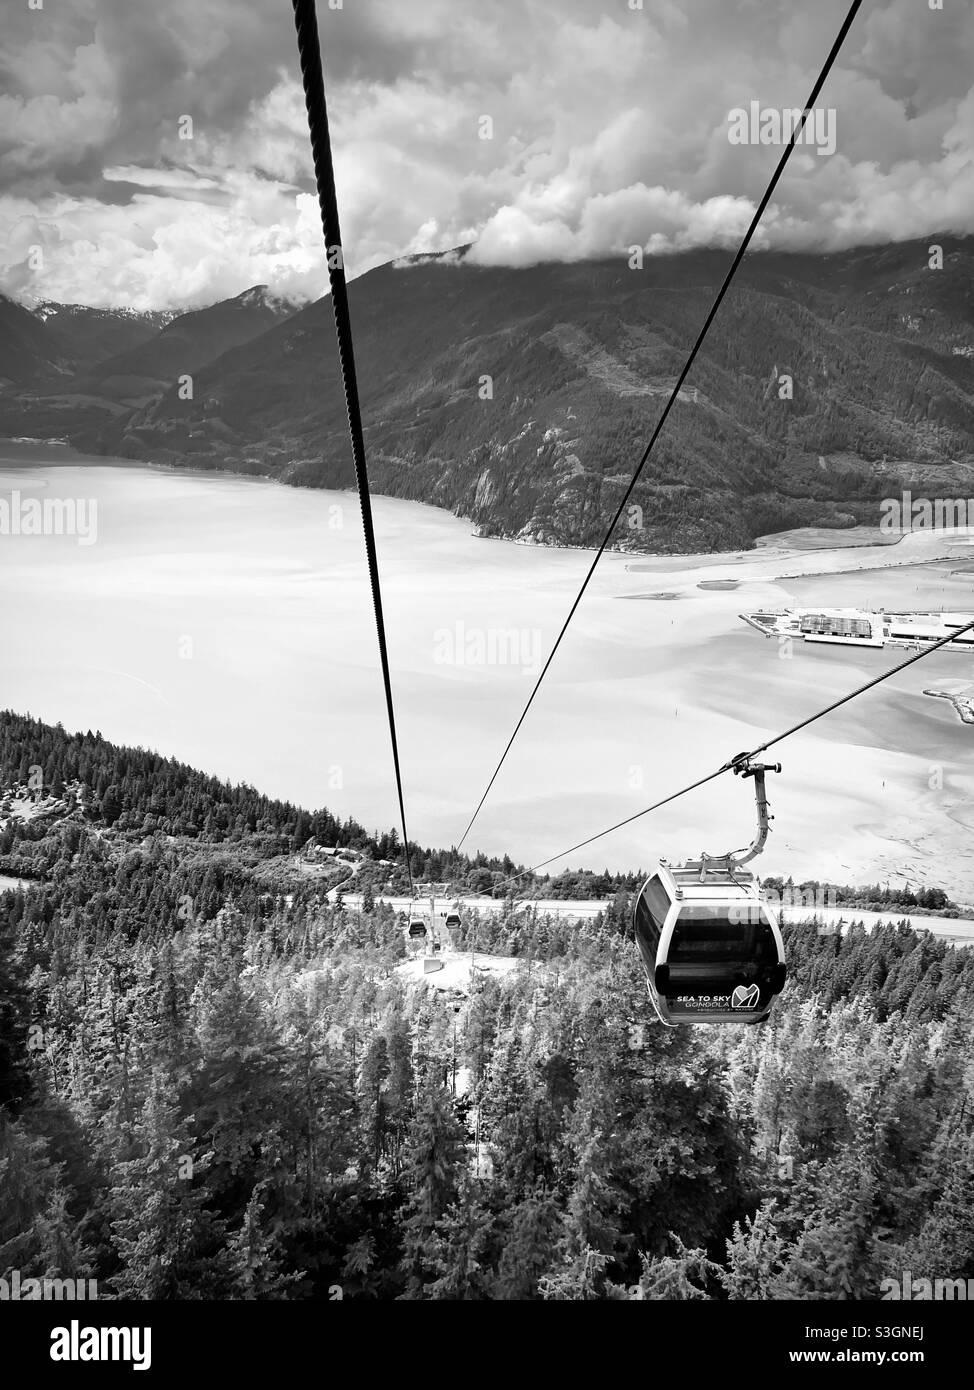 Una gondola che scende alla base del mare per le gondole Sky. Squamish, British Columbia. Canada. Foto Stock